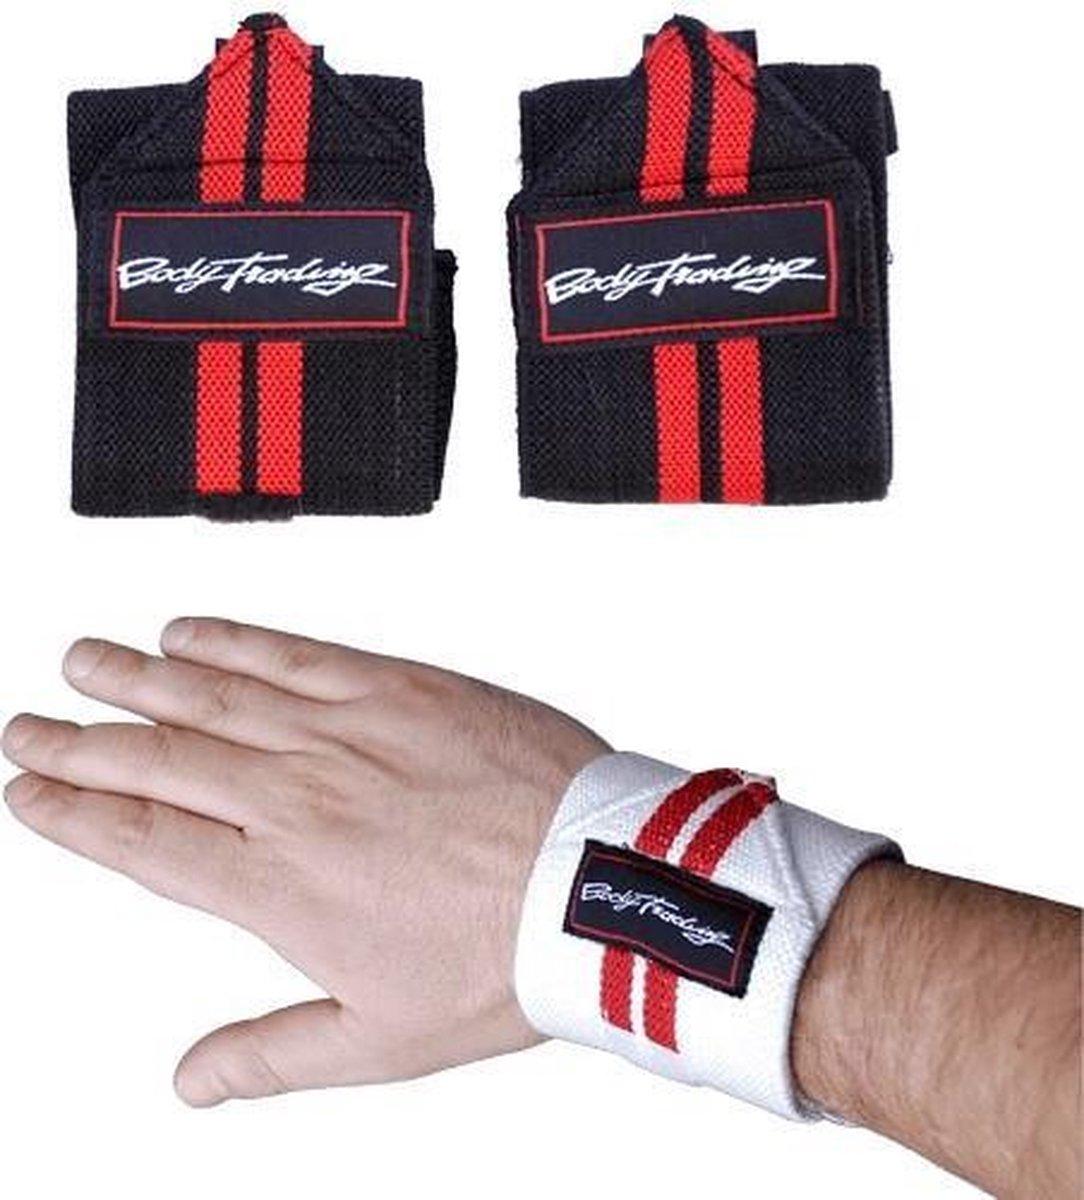 Bodytrading Easy Wrist Wrap SU100 - Zwart - Zwart/Wit - Elastiek